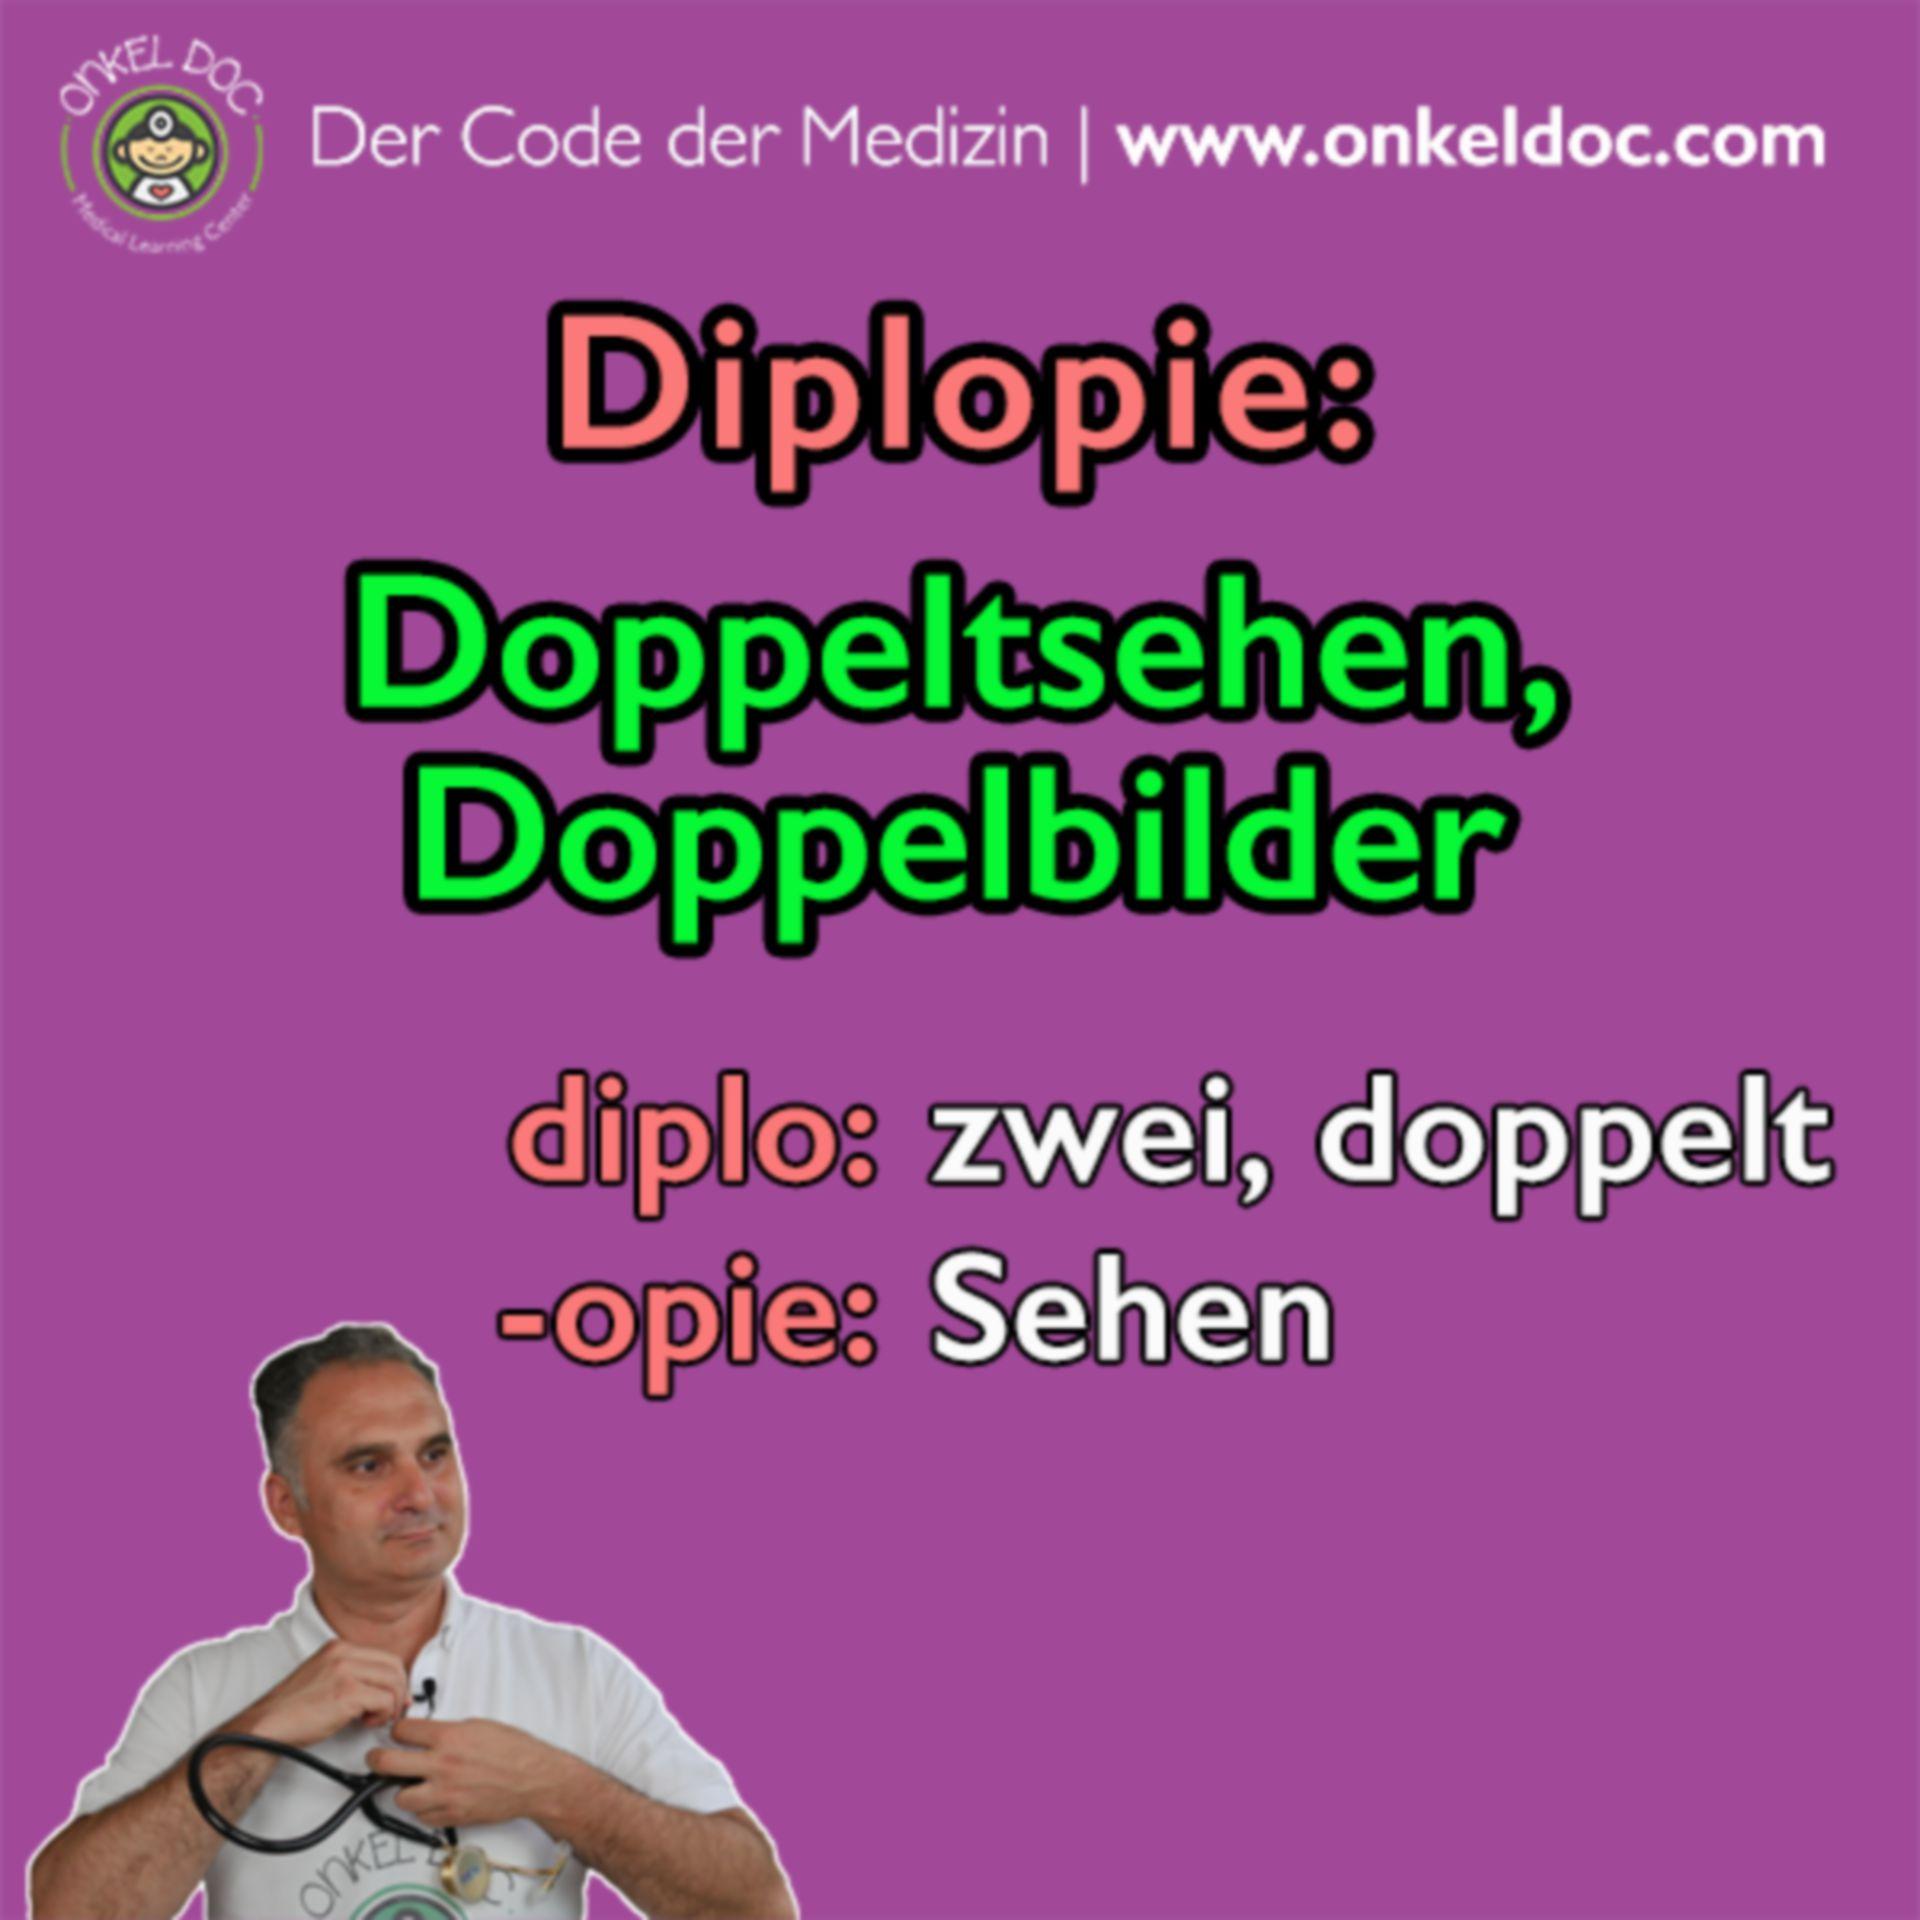 Der Code der Diplopie